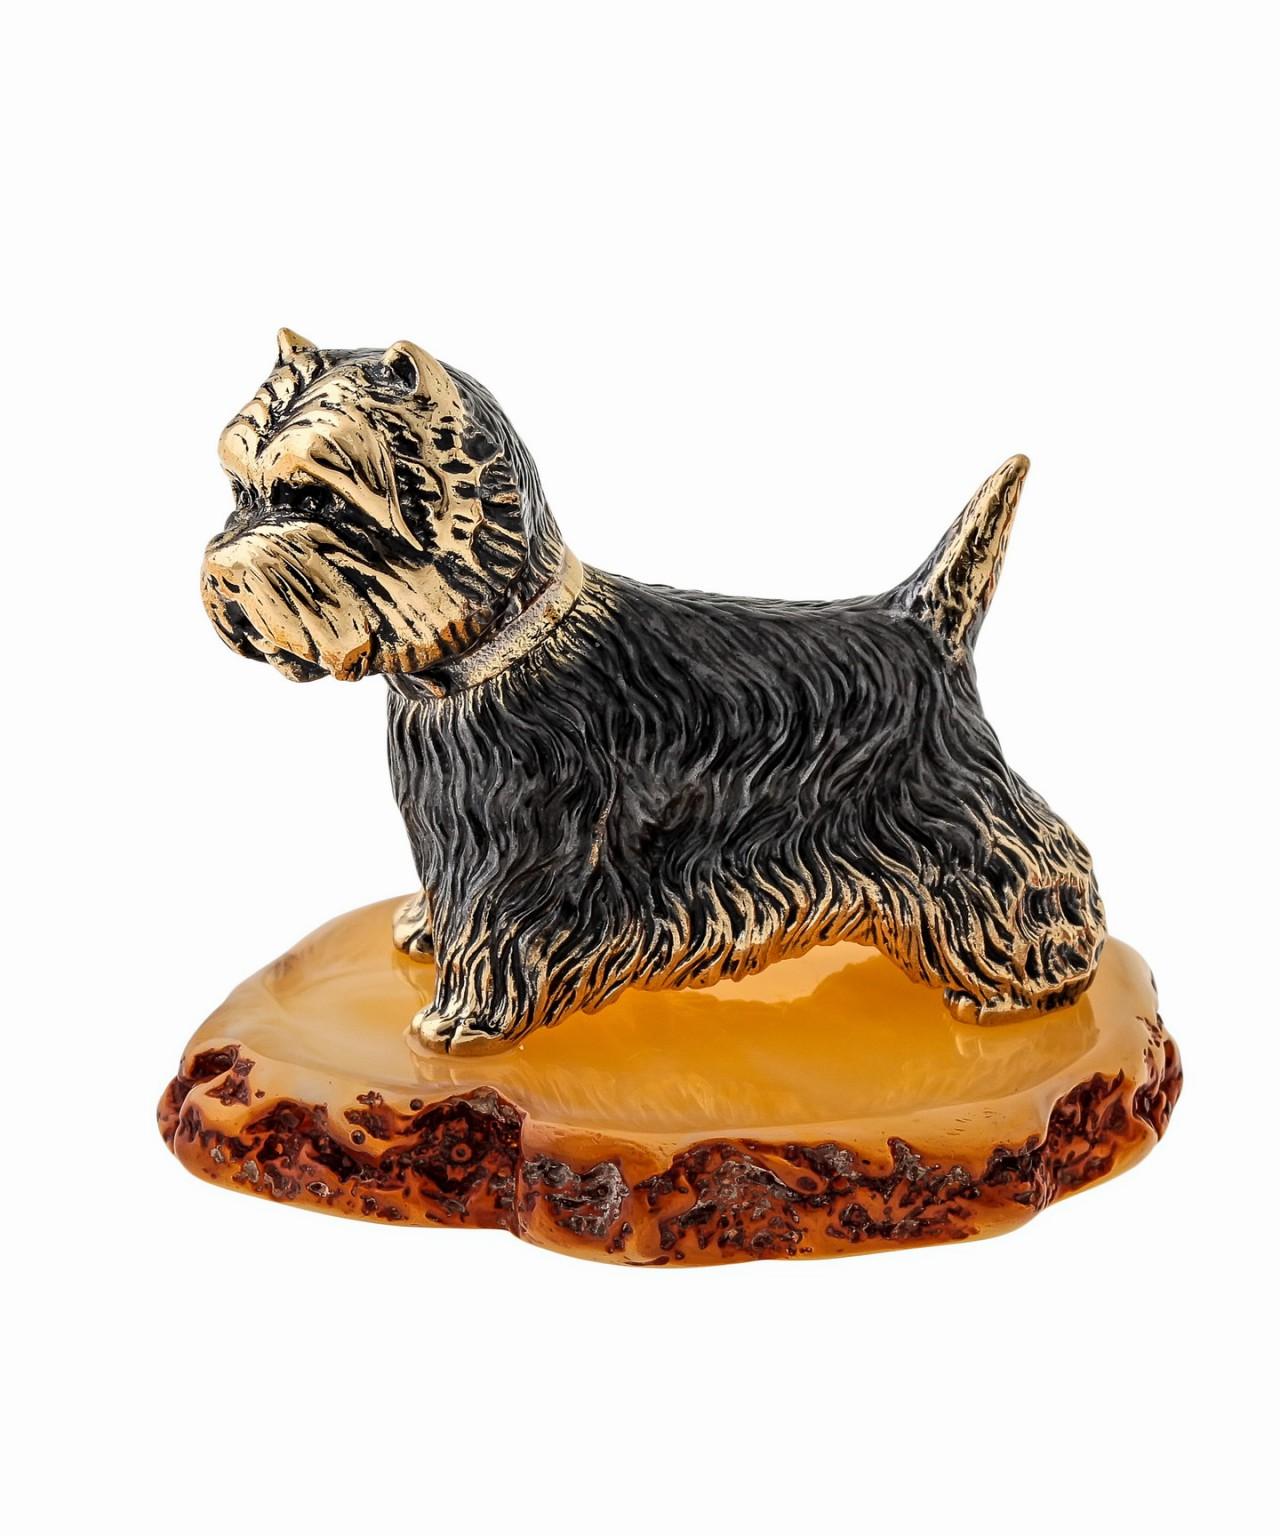 Собака Вест-хайленд-уайт терьер 1497